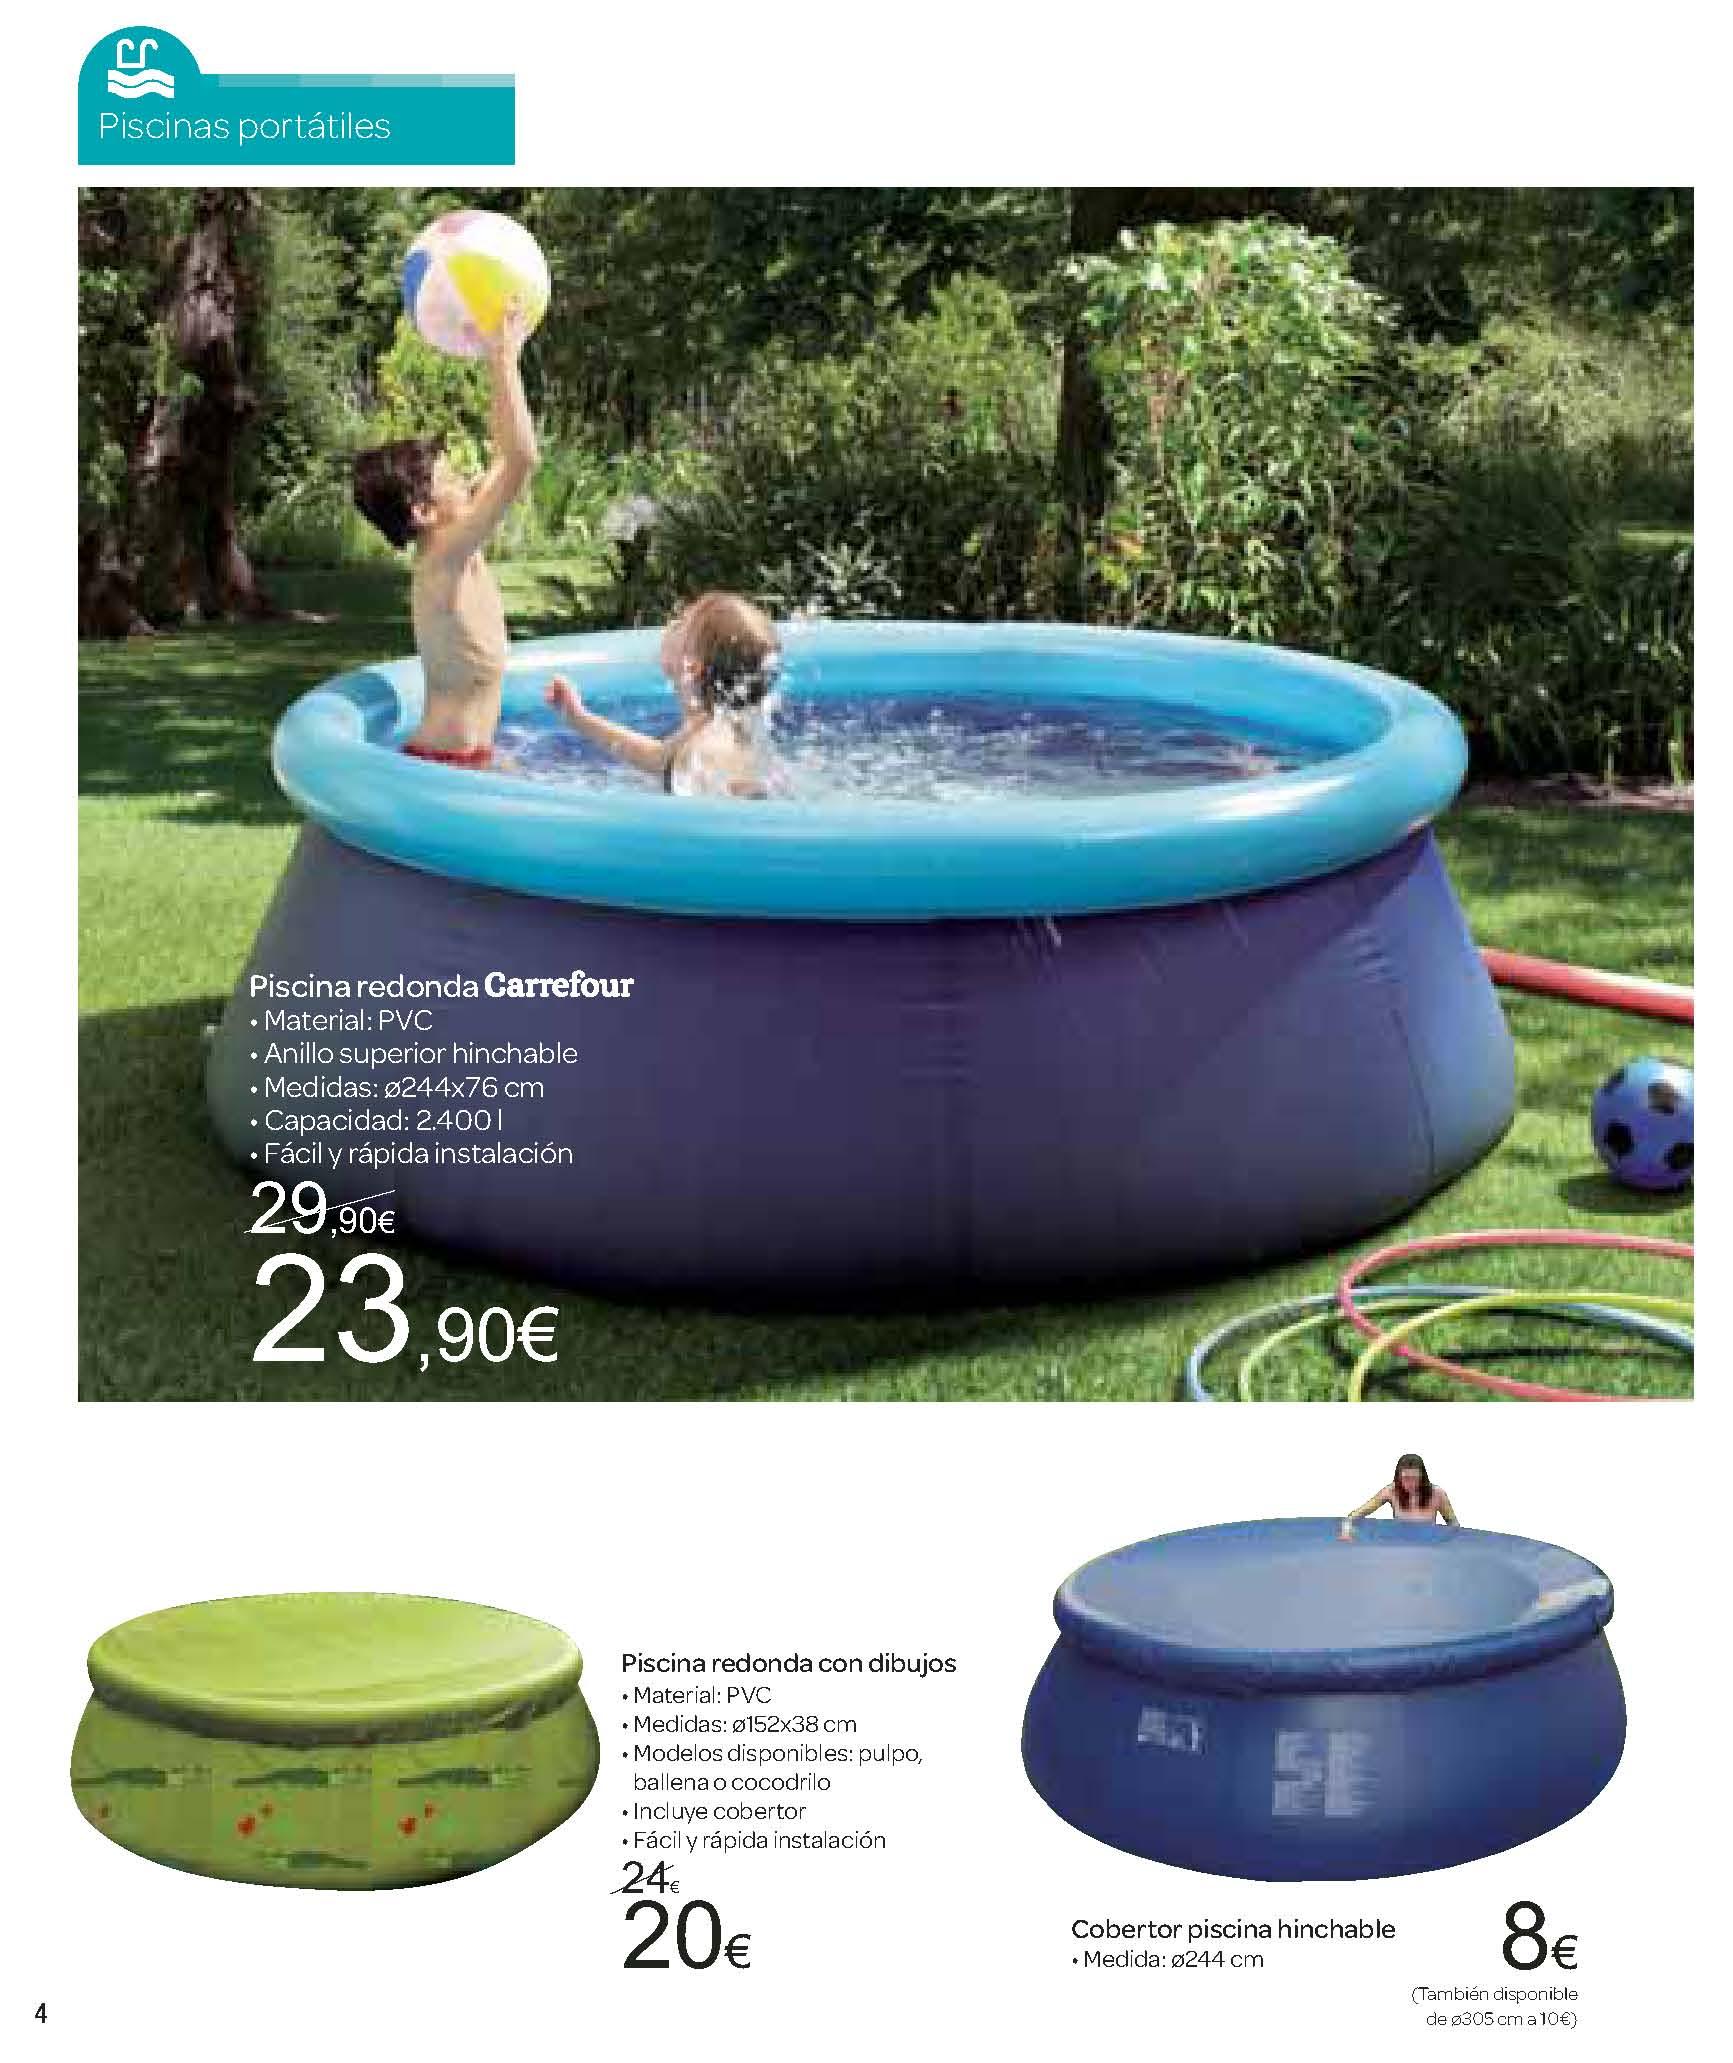 Catalogo carrefour junio 2012 especial piscinas y jardin page 04 cat logo carrefour - Carrefour jardin y hogar ...